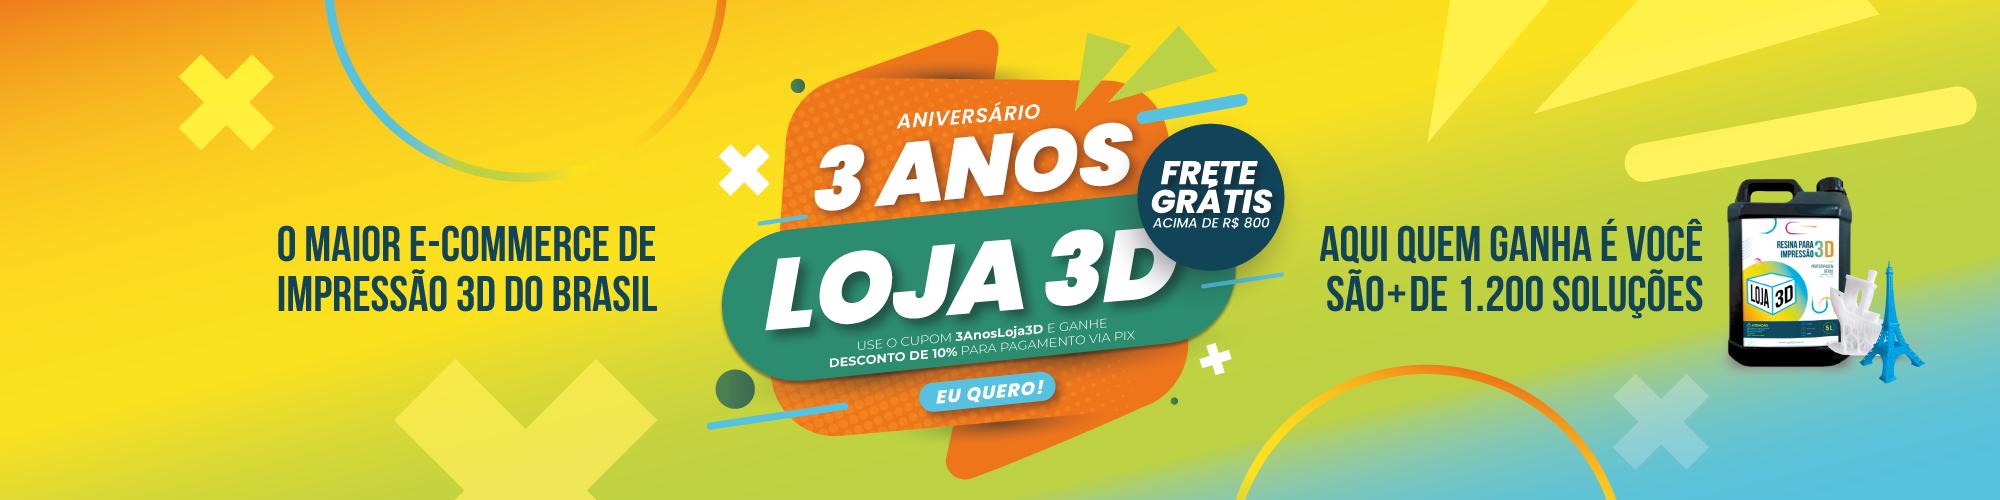 3 Anos Loja 3D